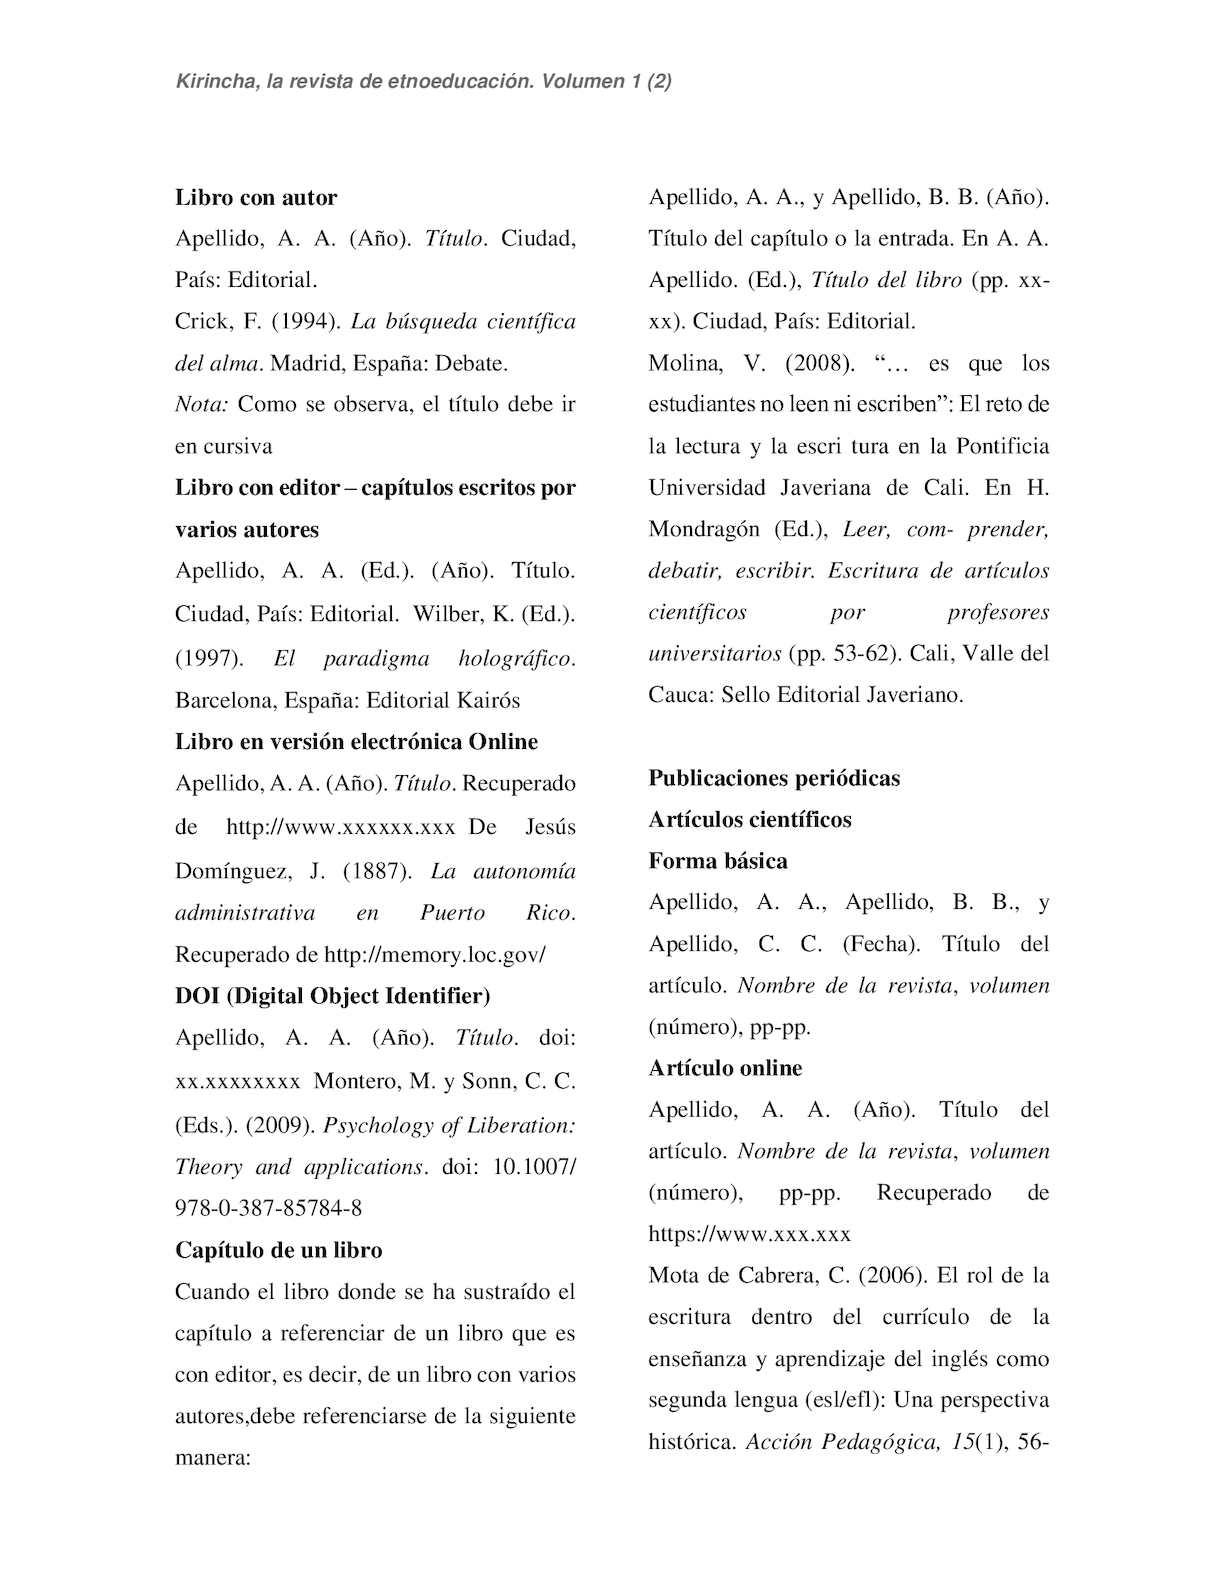 Encantador Words De Acción Para Currículos De Escritura Ilustración ...